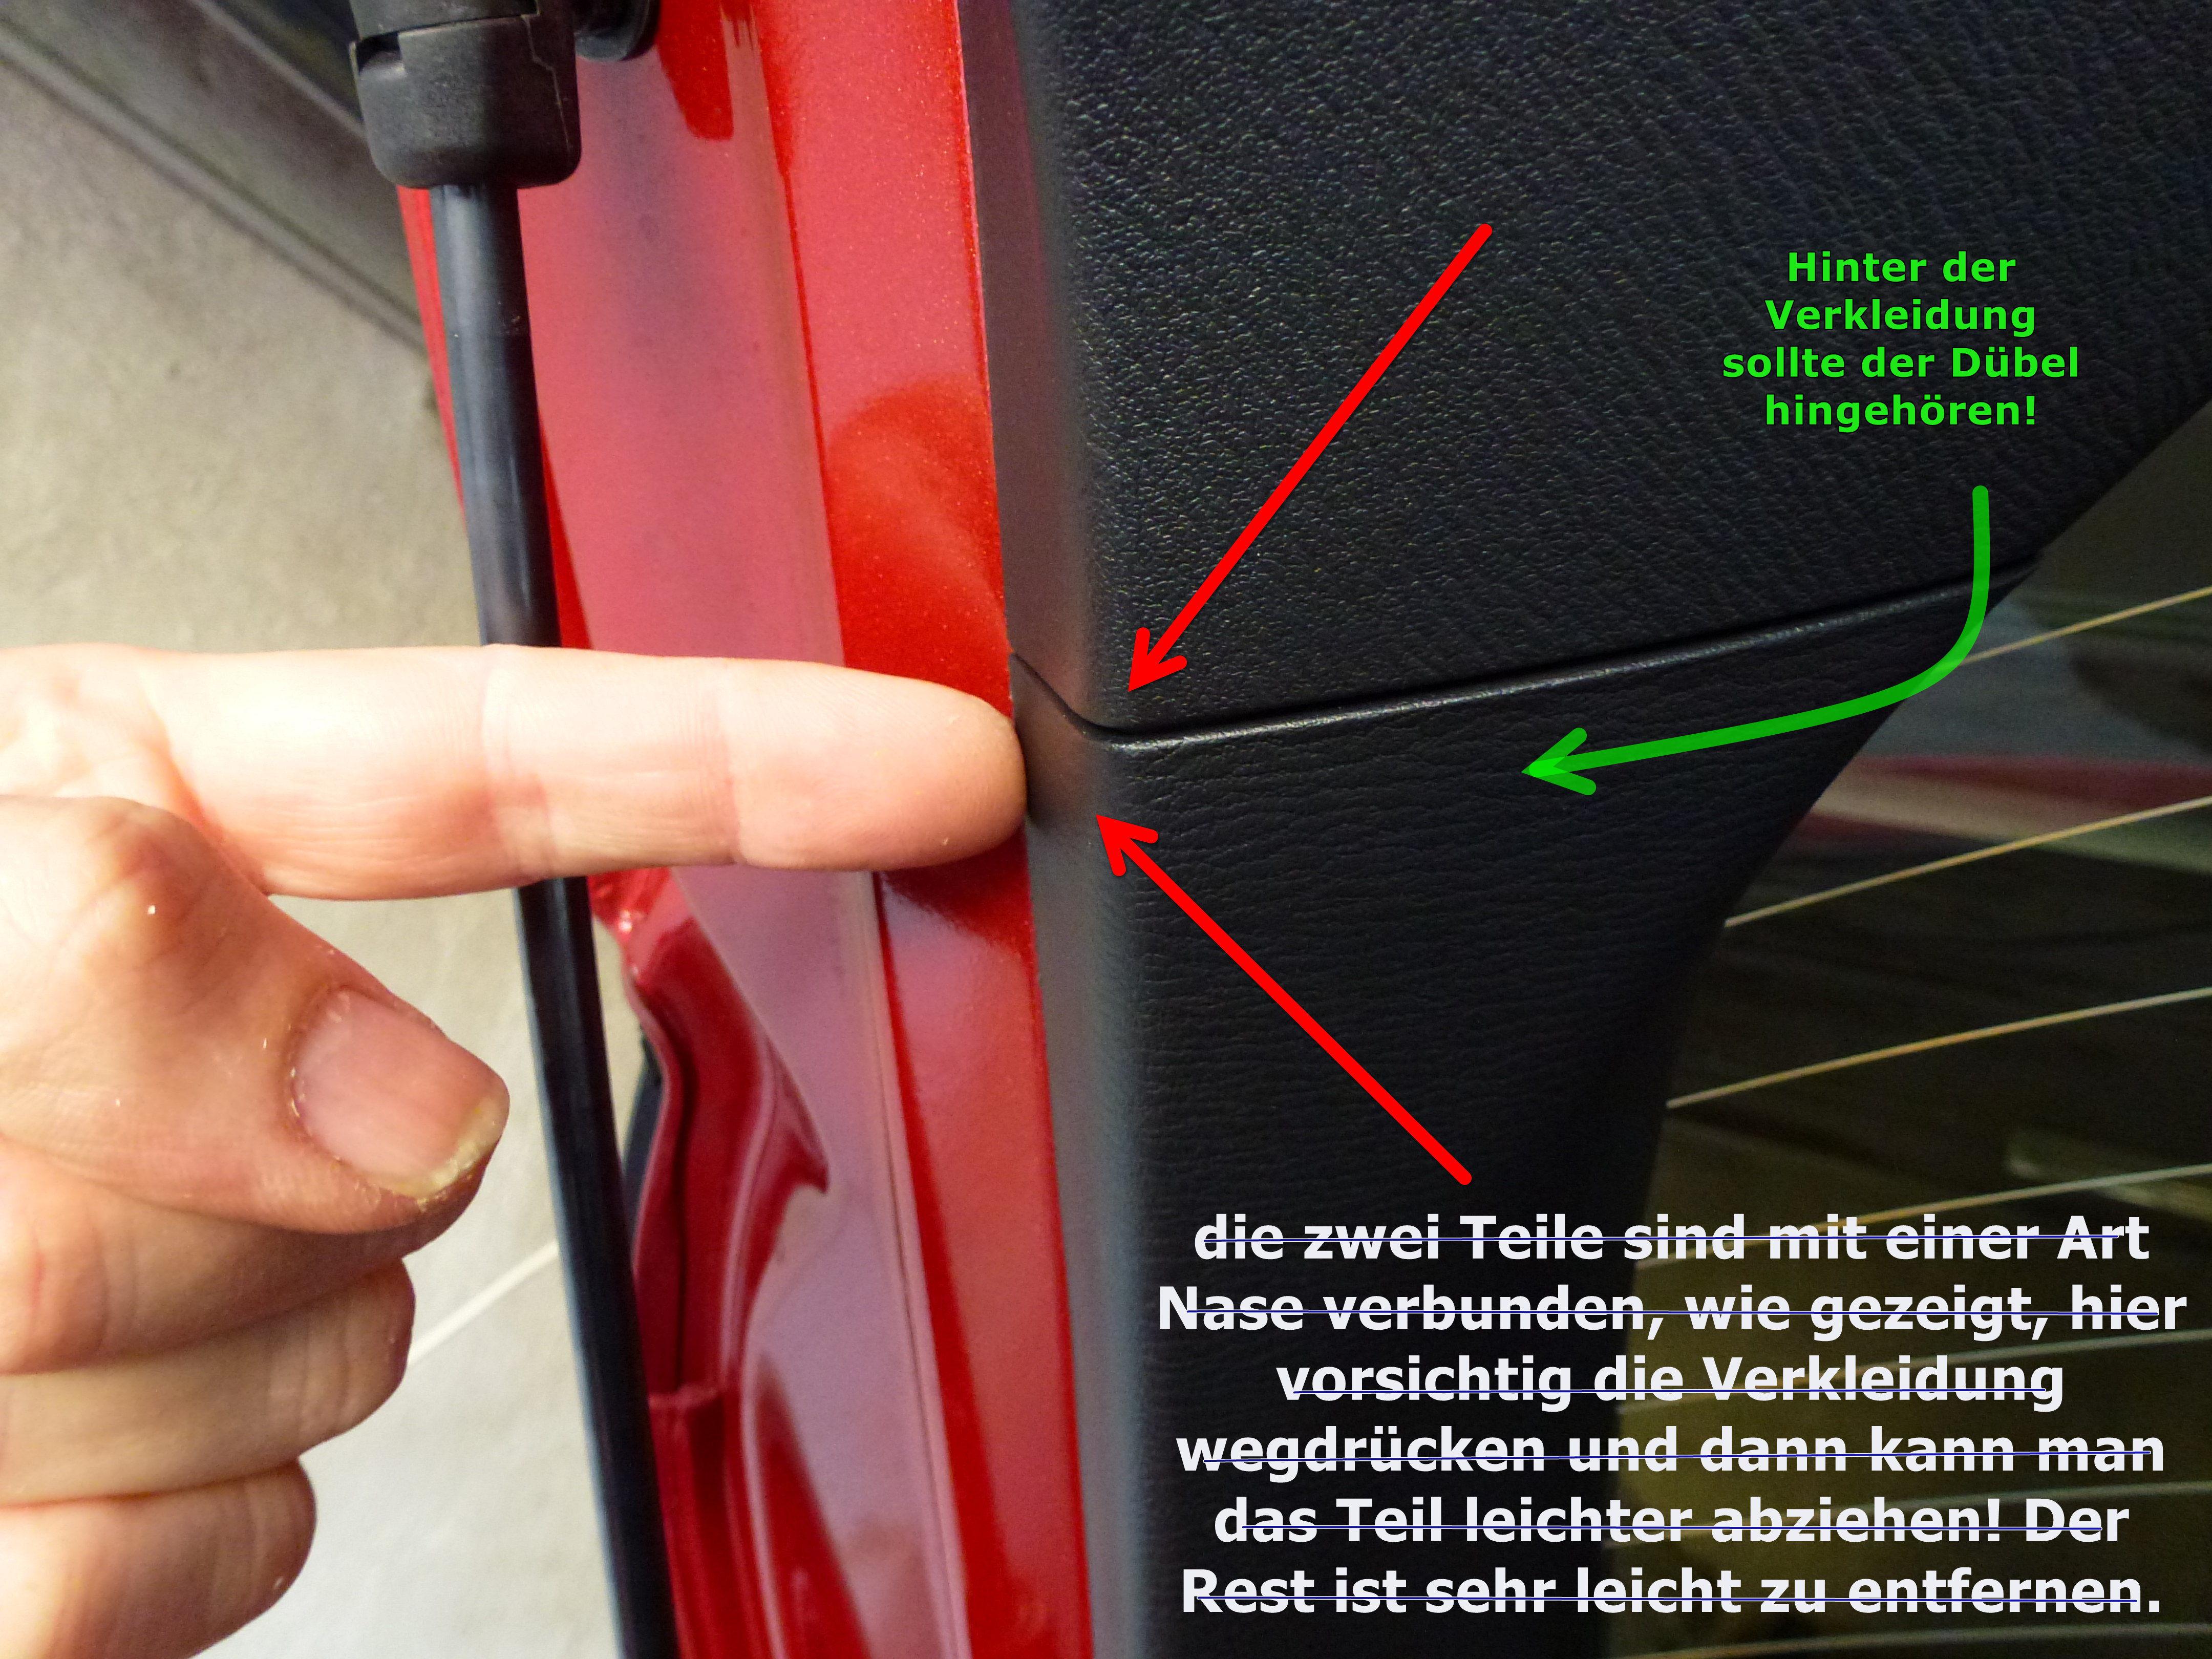 Rückfahrkamera nun als Zubehör in Österreich | Seite 54